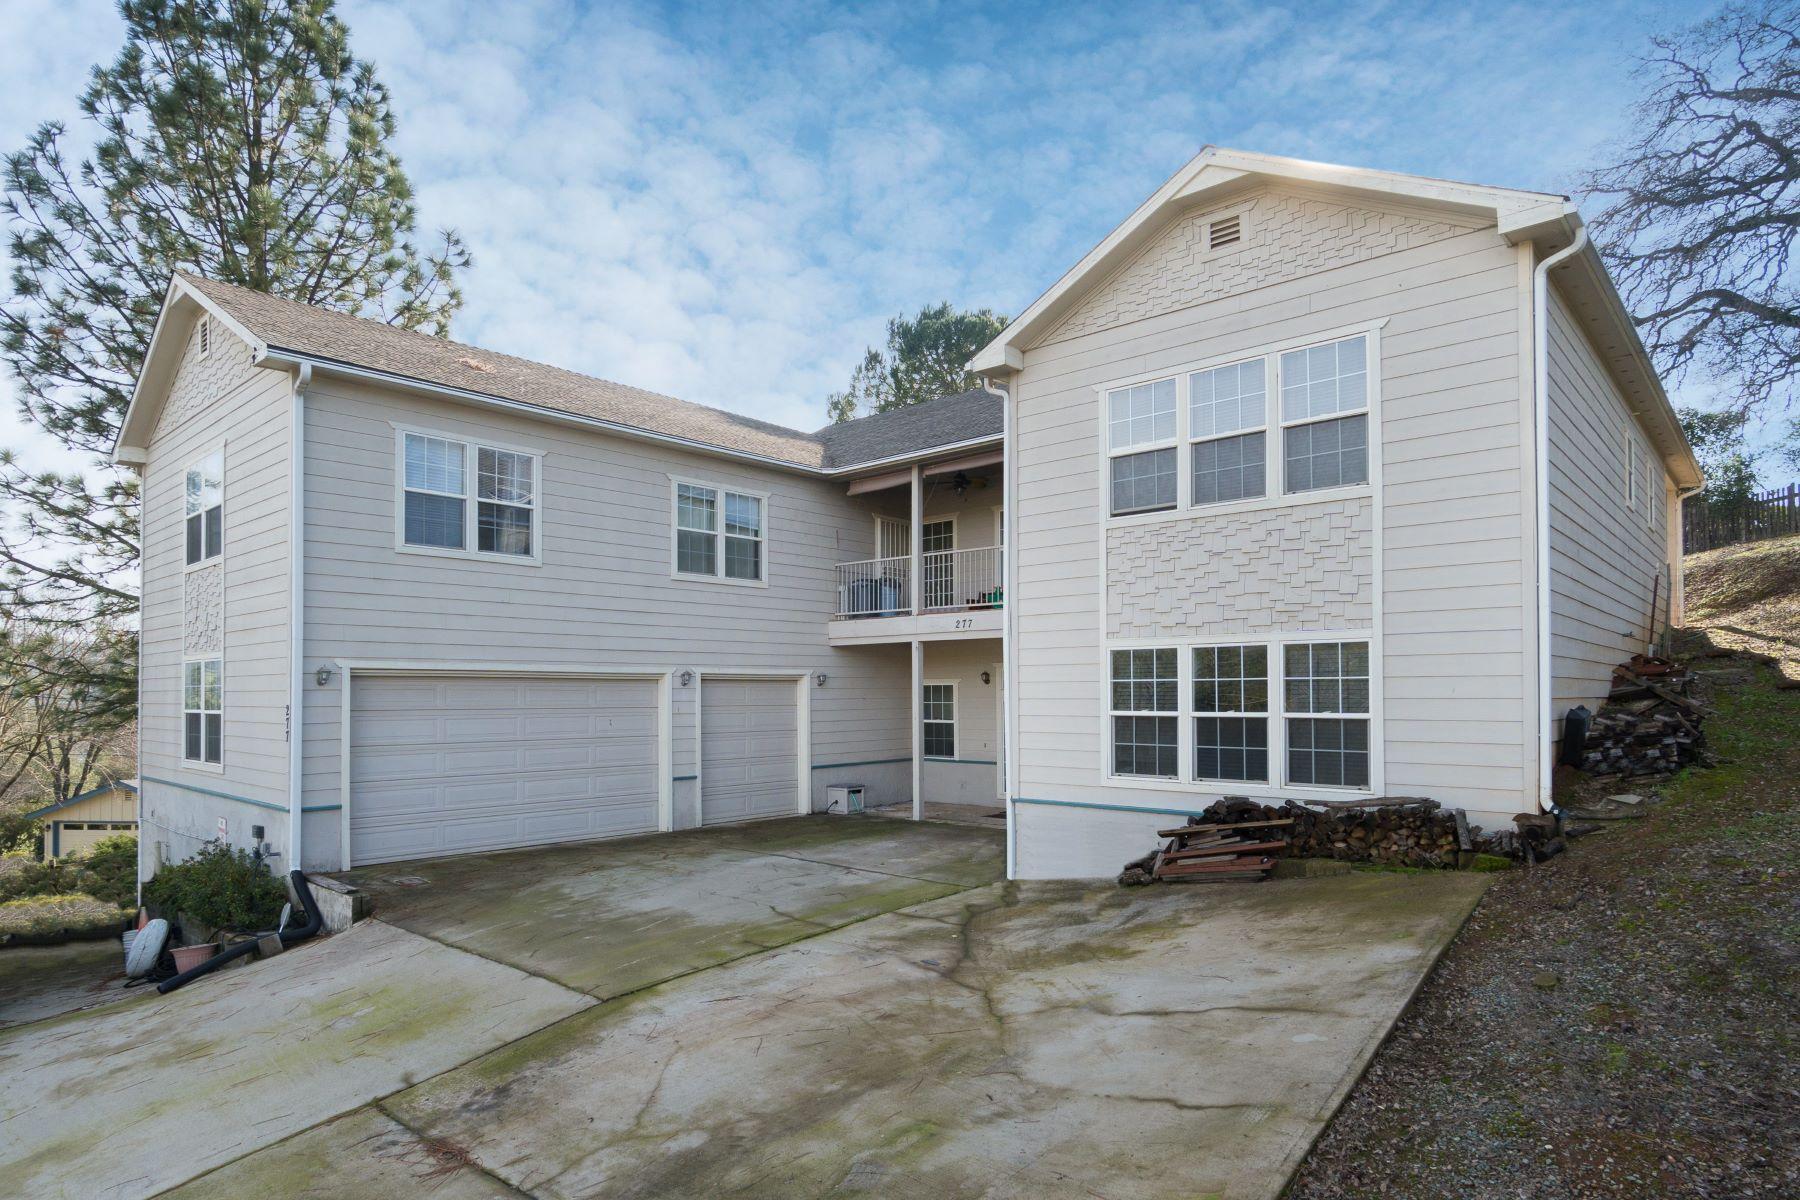 一戸建て のために 売買 アット Large Home with great views over the surrounding hills 277 Columbia Way Sutter Creek, カリフォルニア 95685 アメリカ合衆国